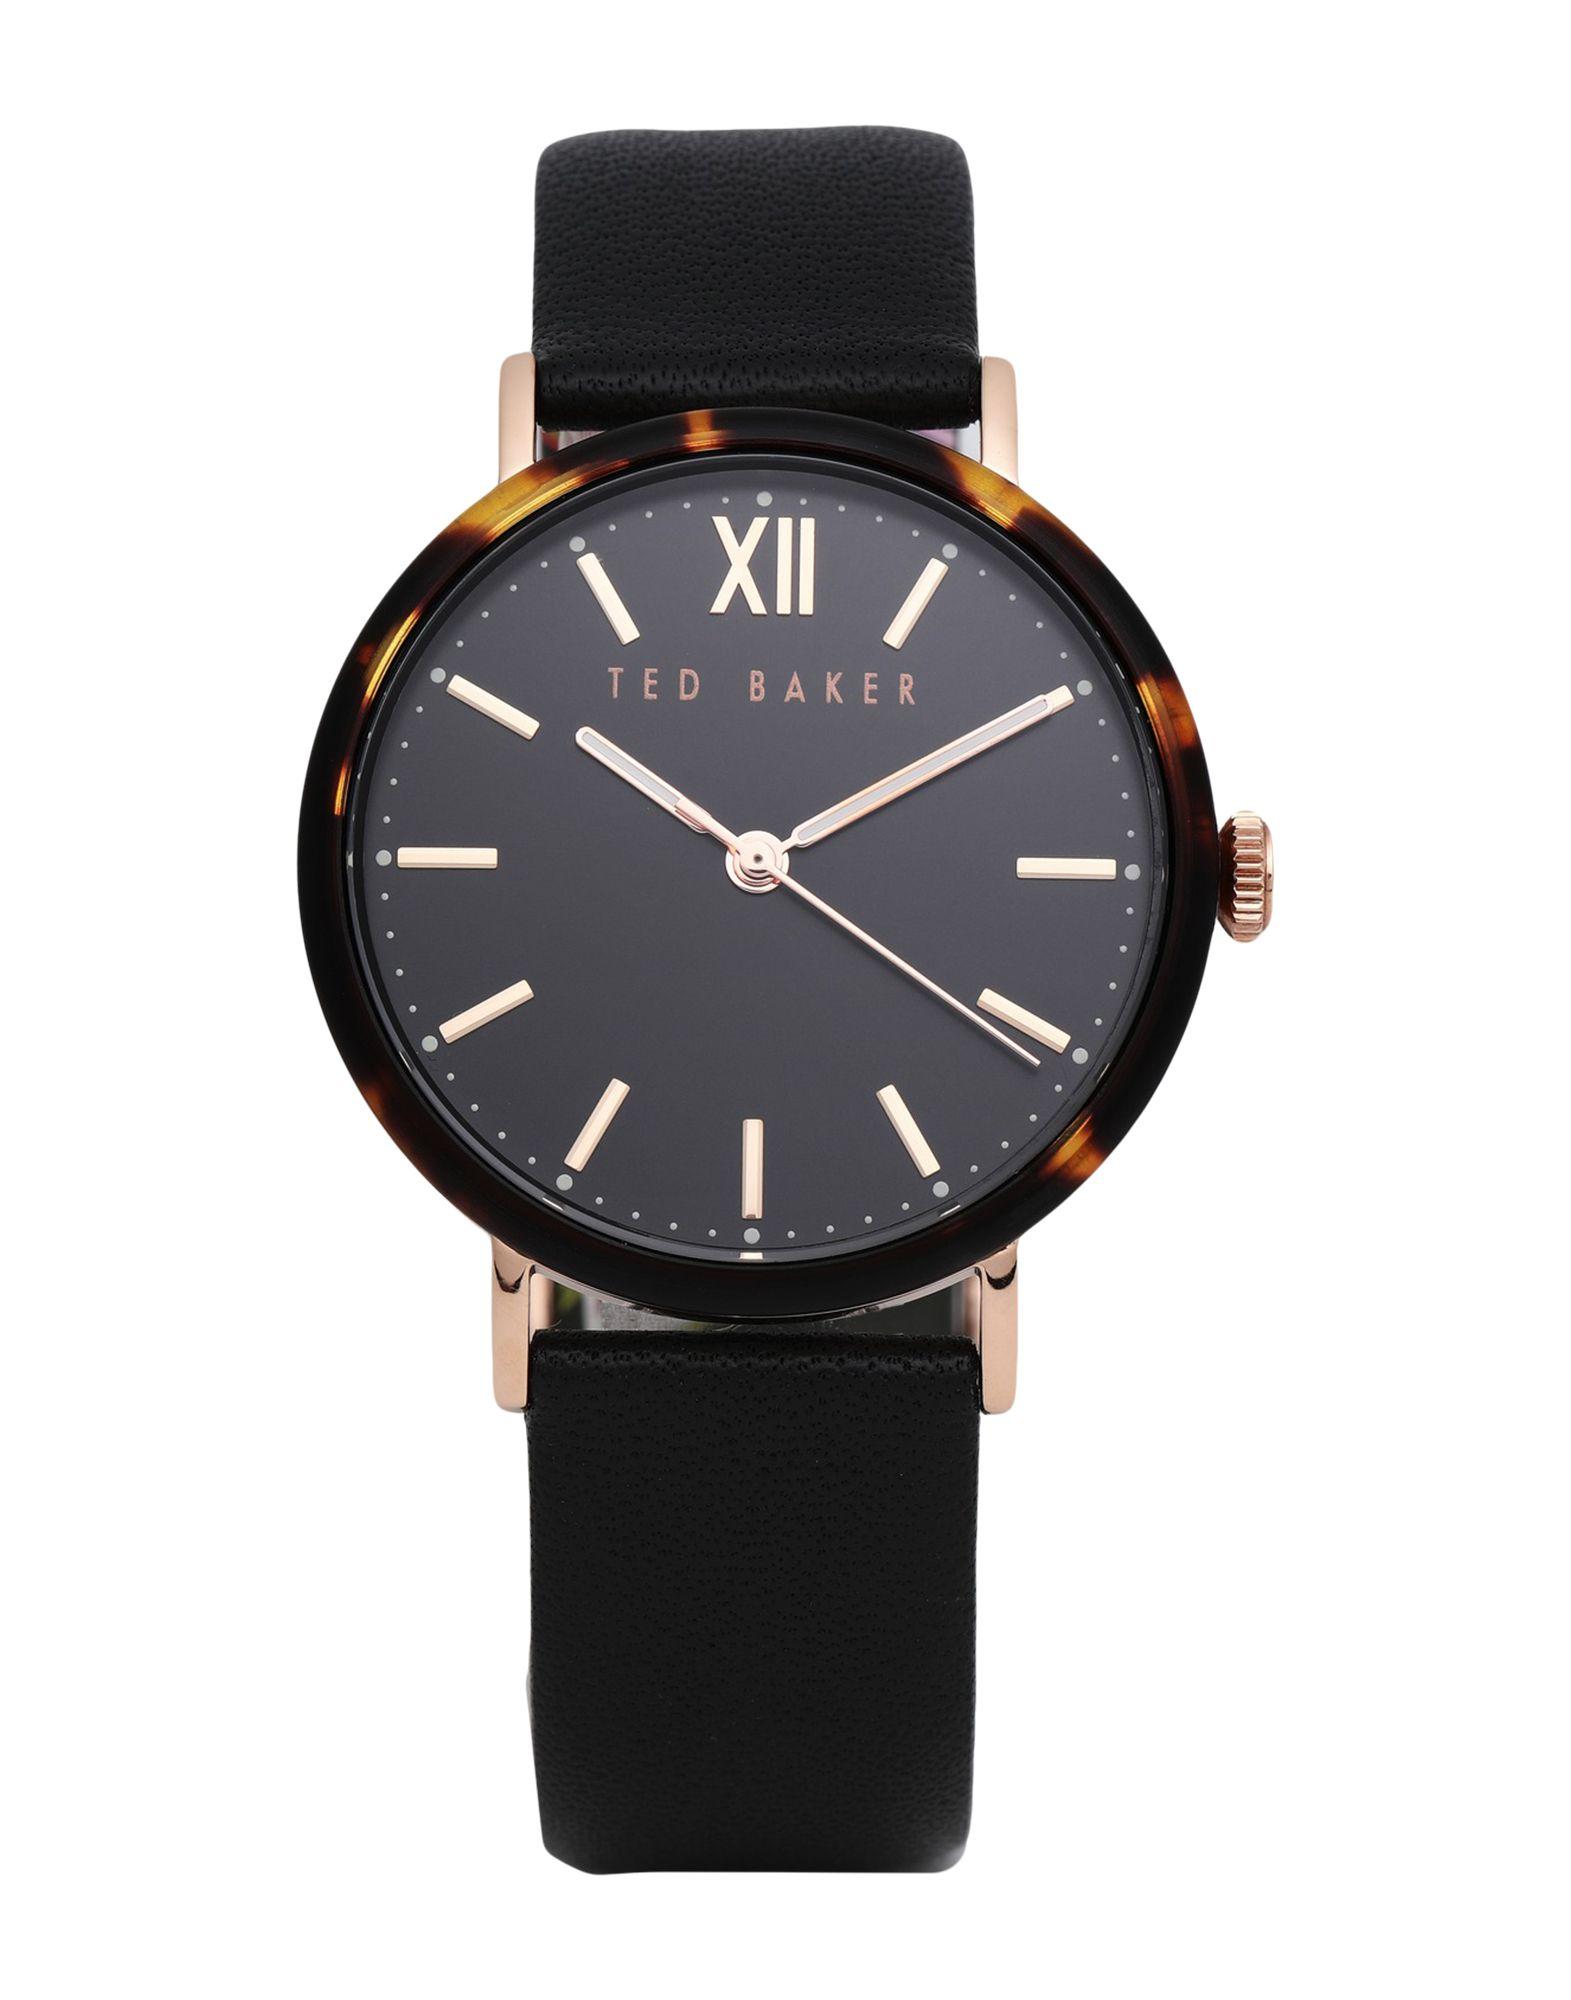 цена TED BAKER Наручные часы онлайн в 2017 году